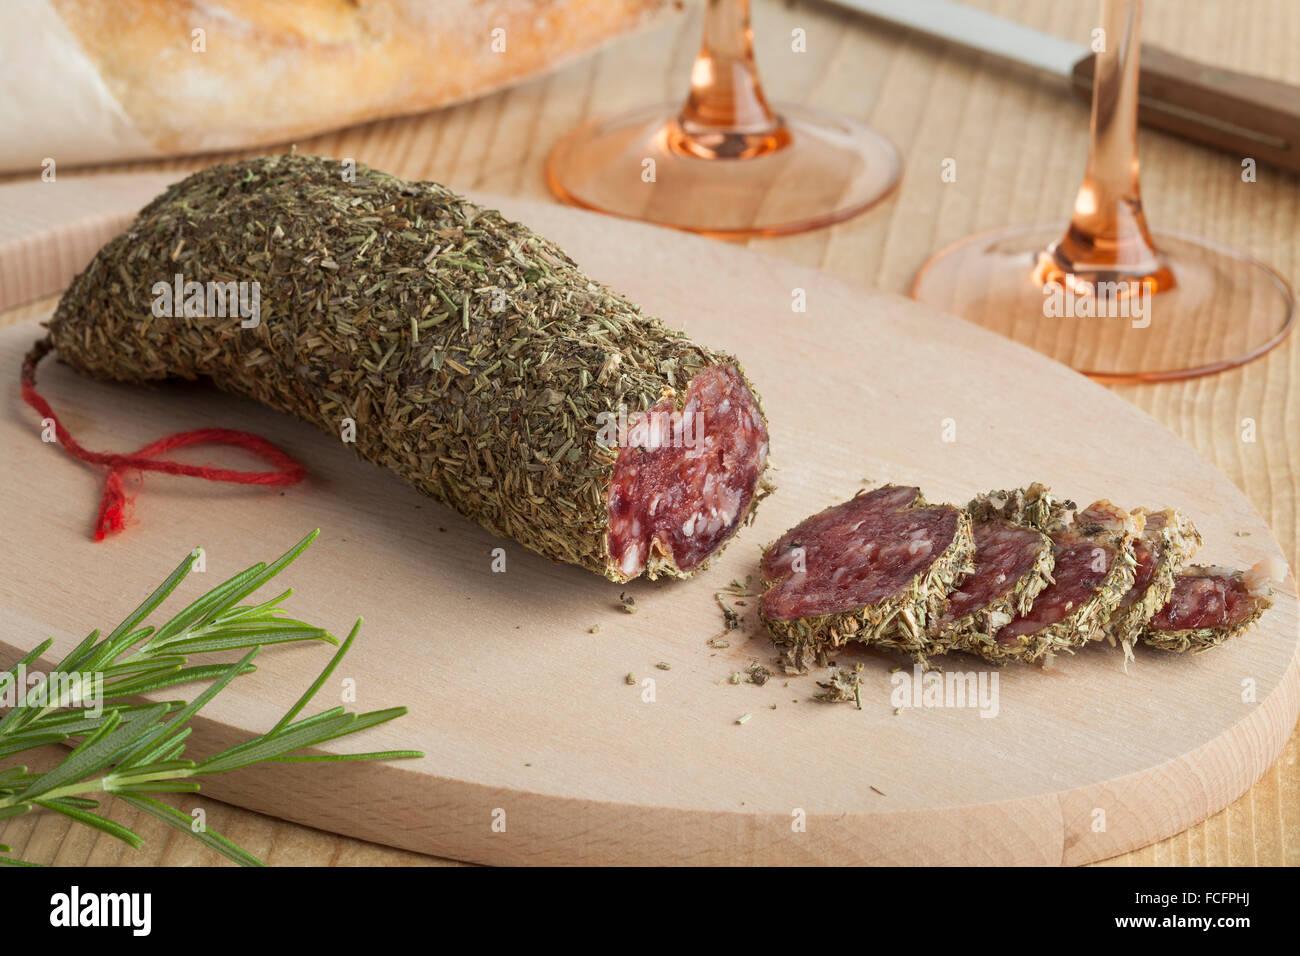 Saucisse française couverte de romarin séché Photo Stock